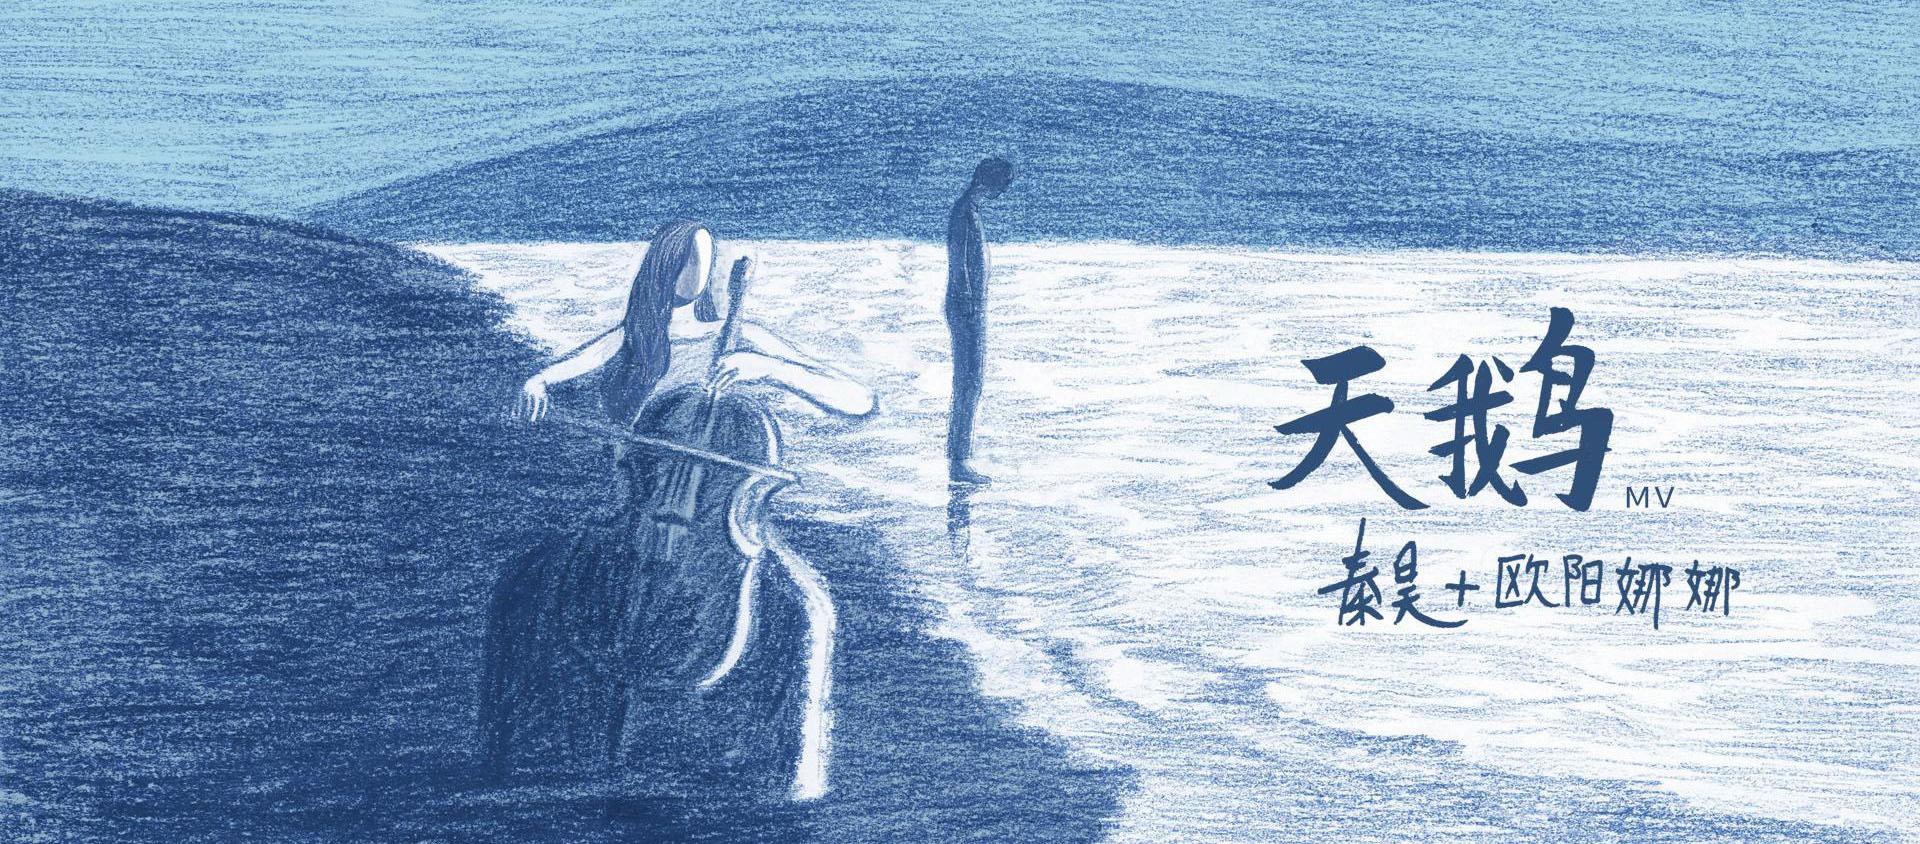 秦昊《天鹅》结合古典音乐 欧阳娜娜大提琴演奏